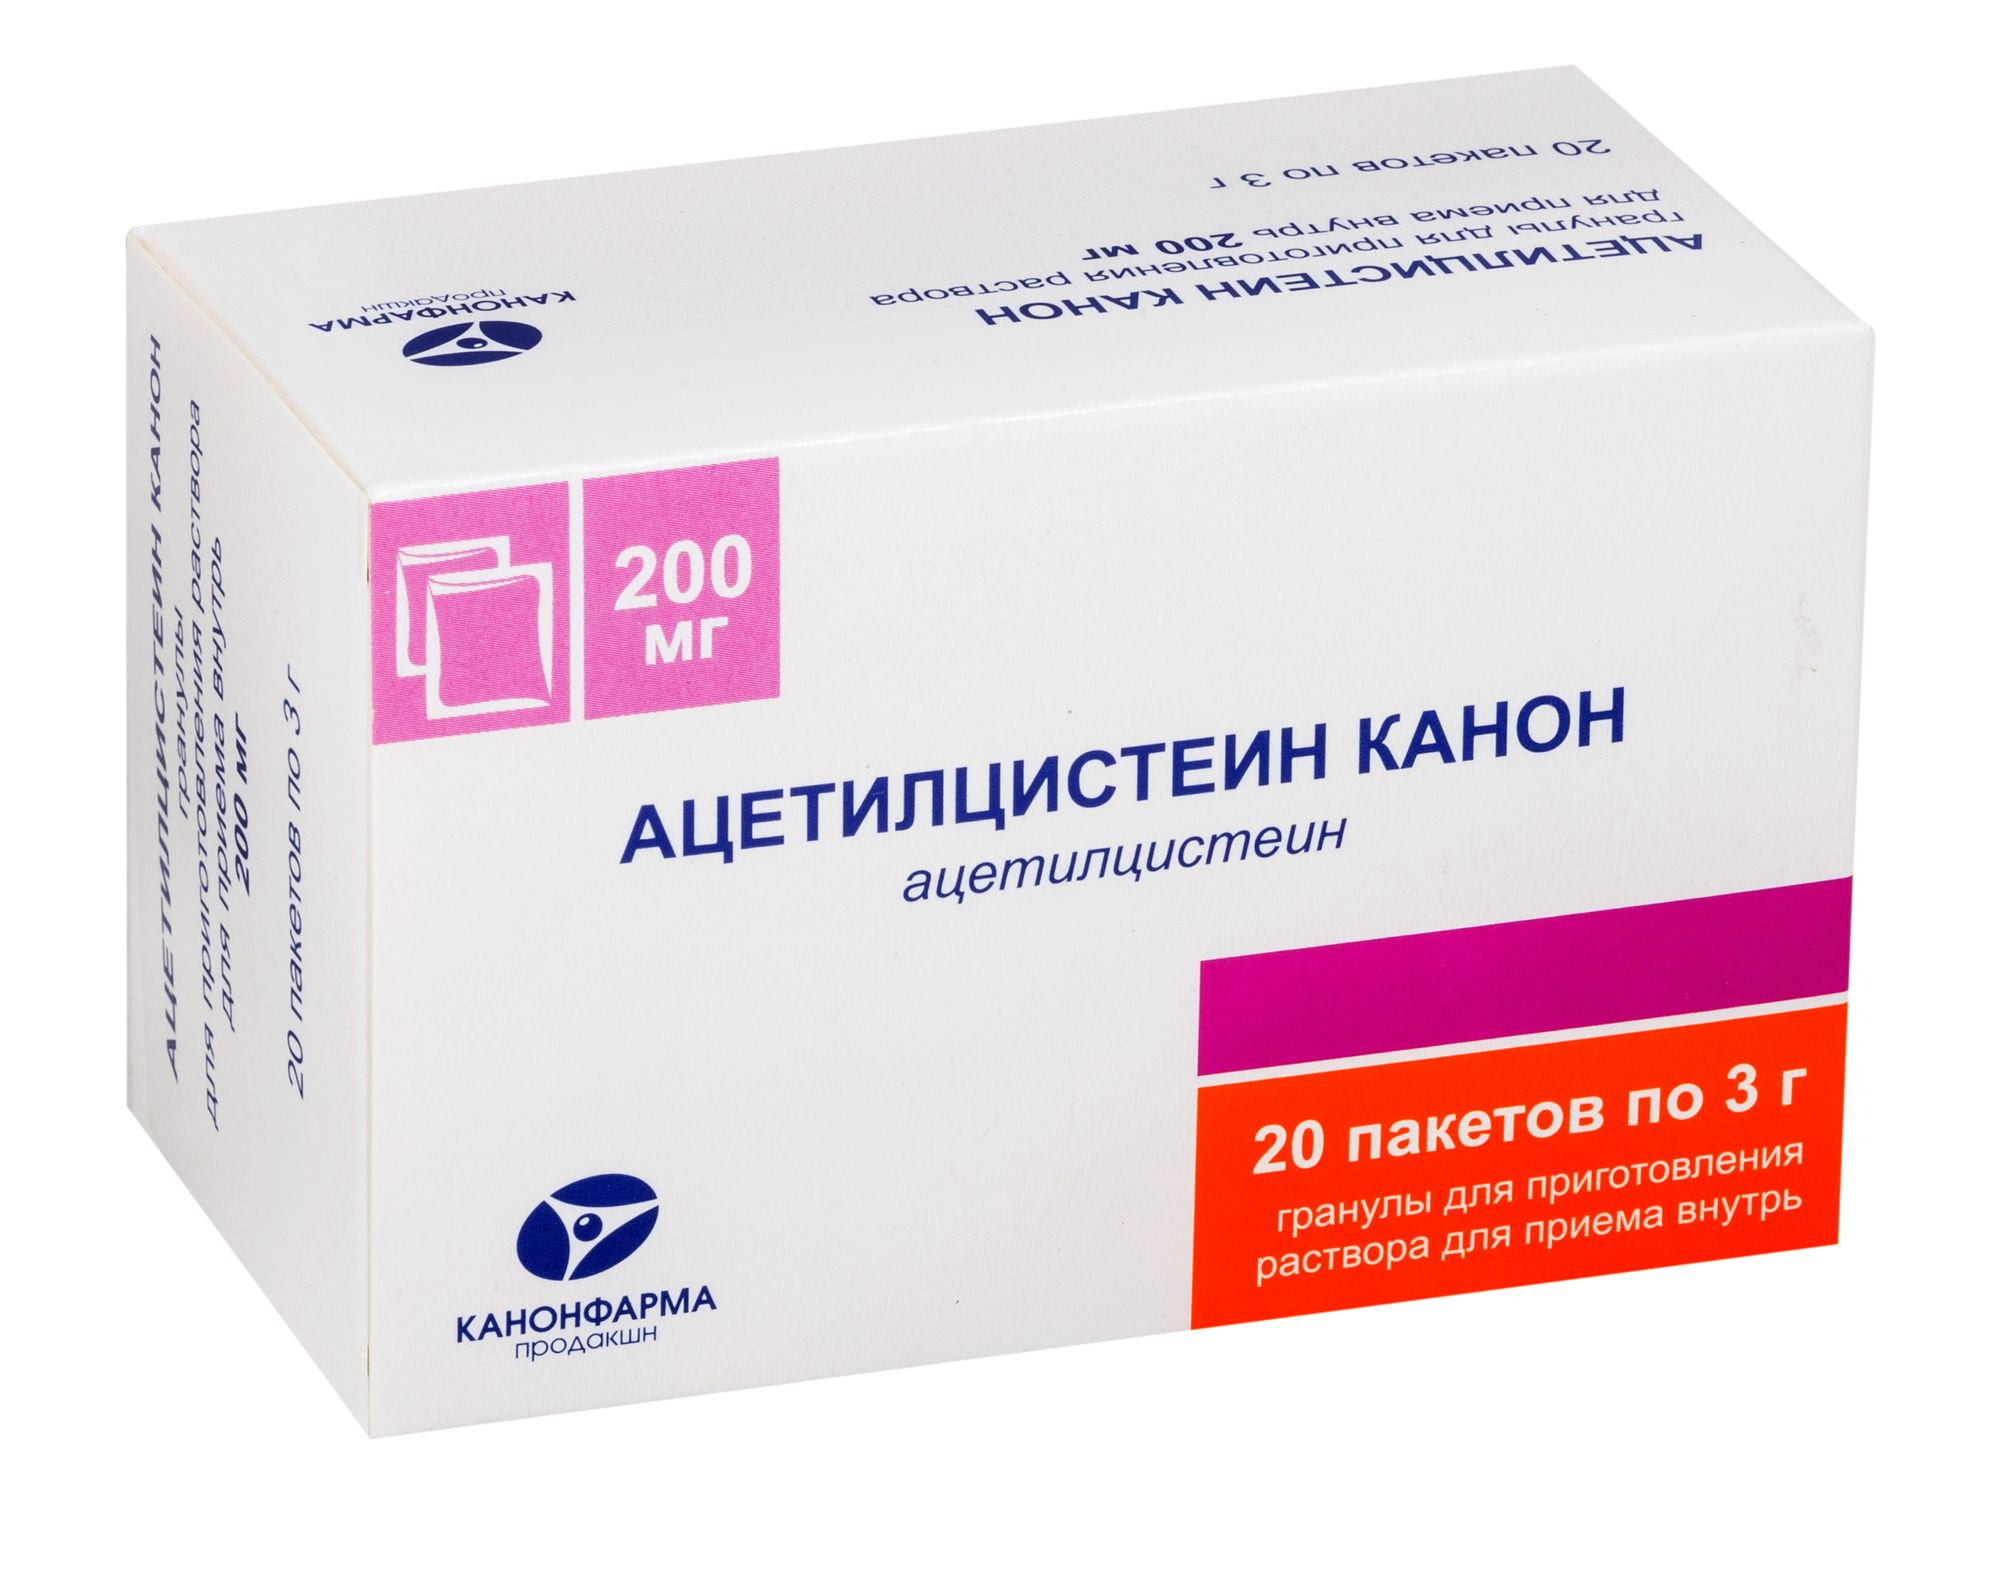 фото упаковки Ацетилцистеин Канон